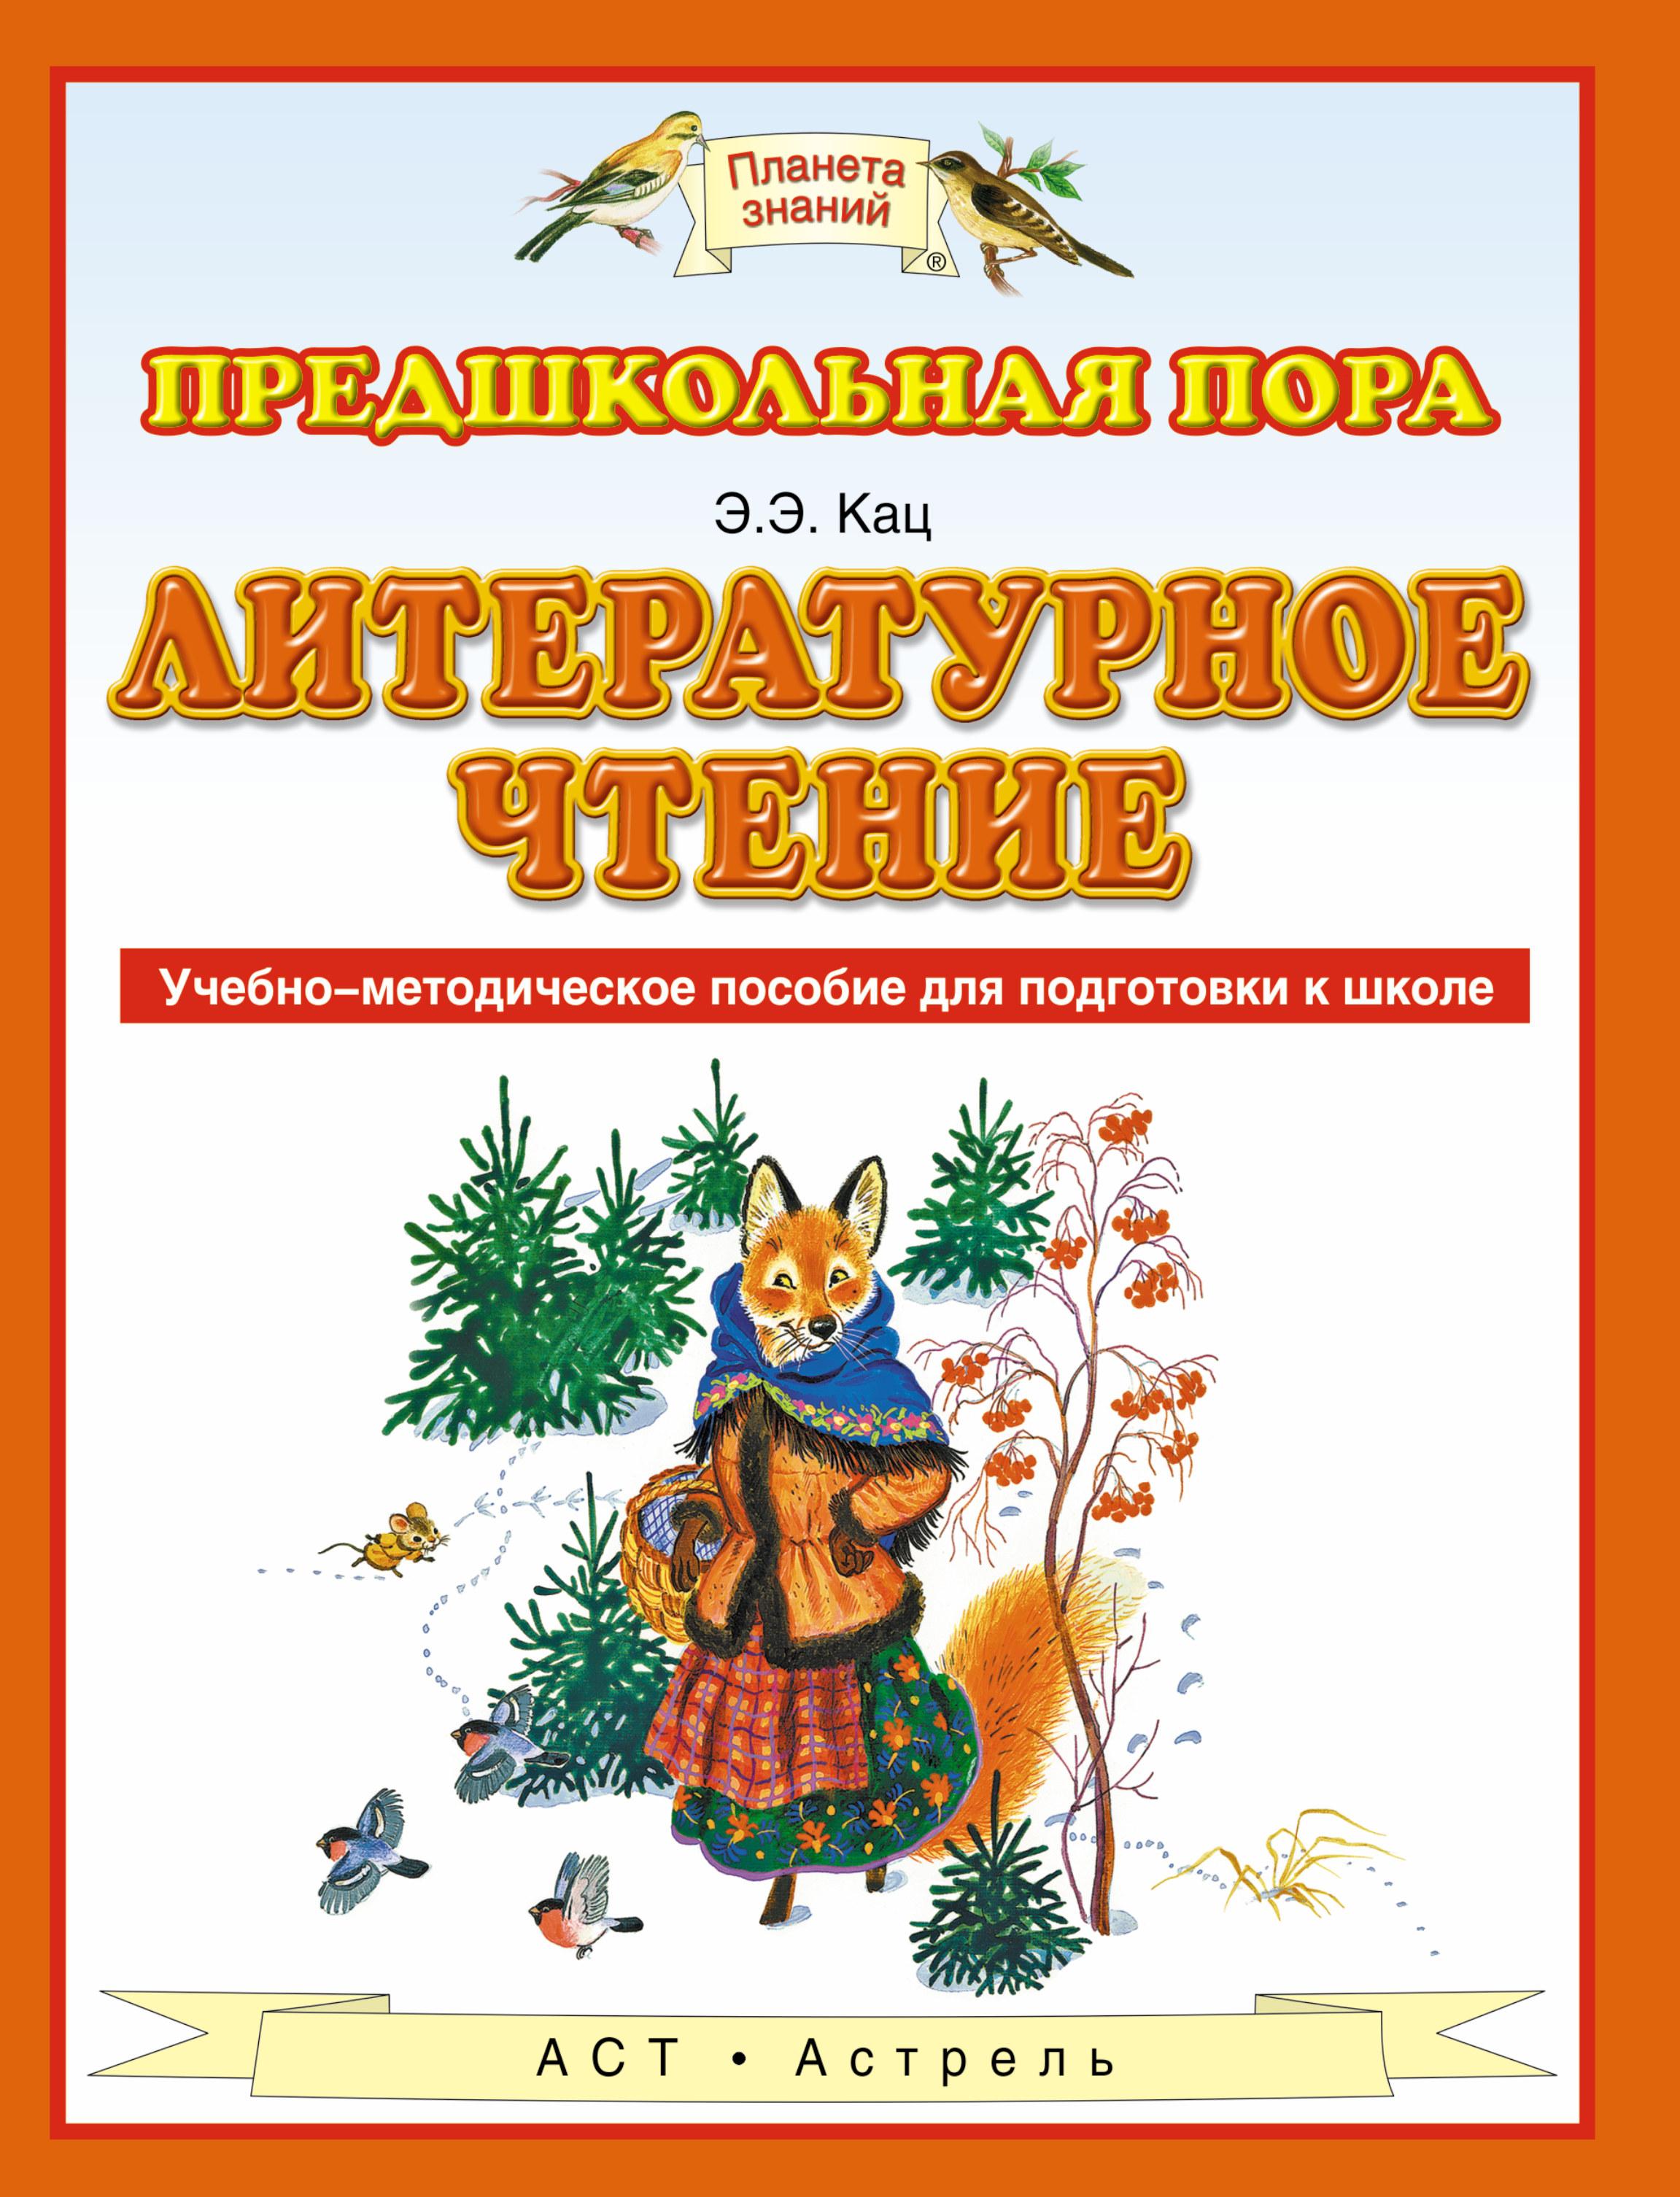 Кац Э.Э. Литературное чтение. 5–7 лет. Учебно-методическое пособие для подготовки к школе